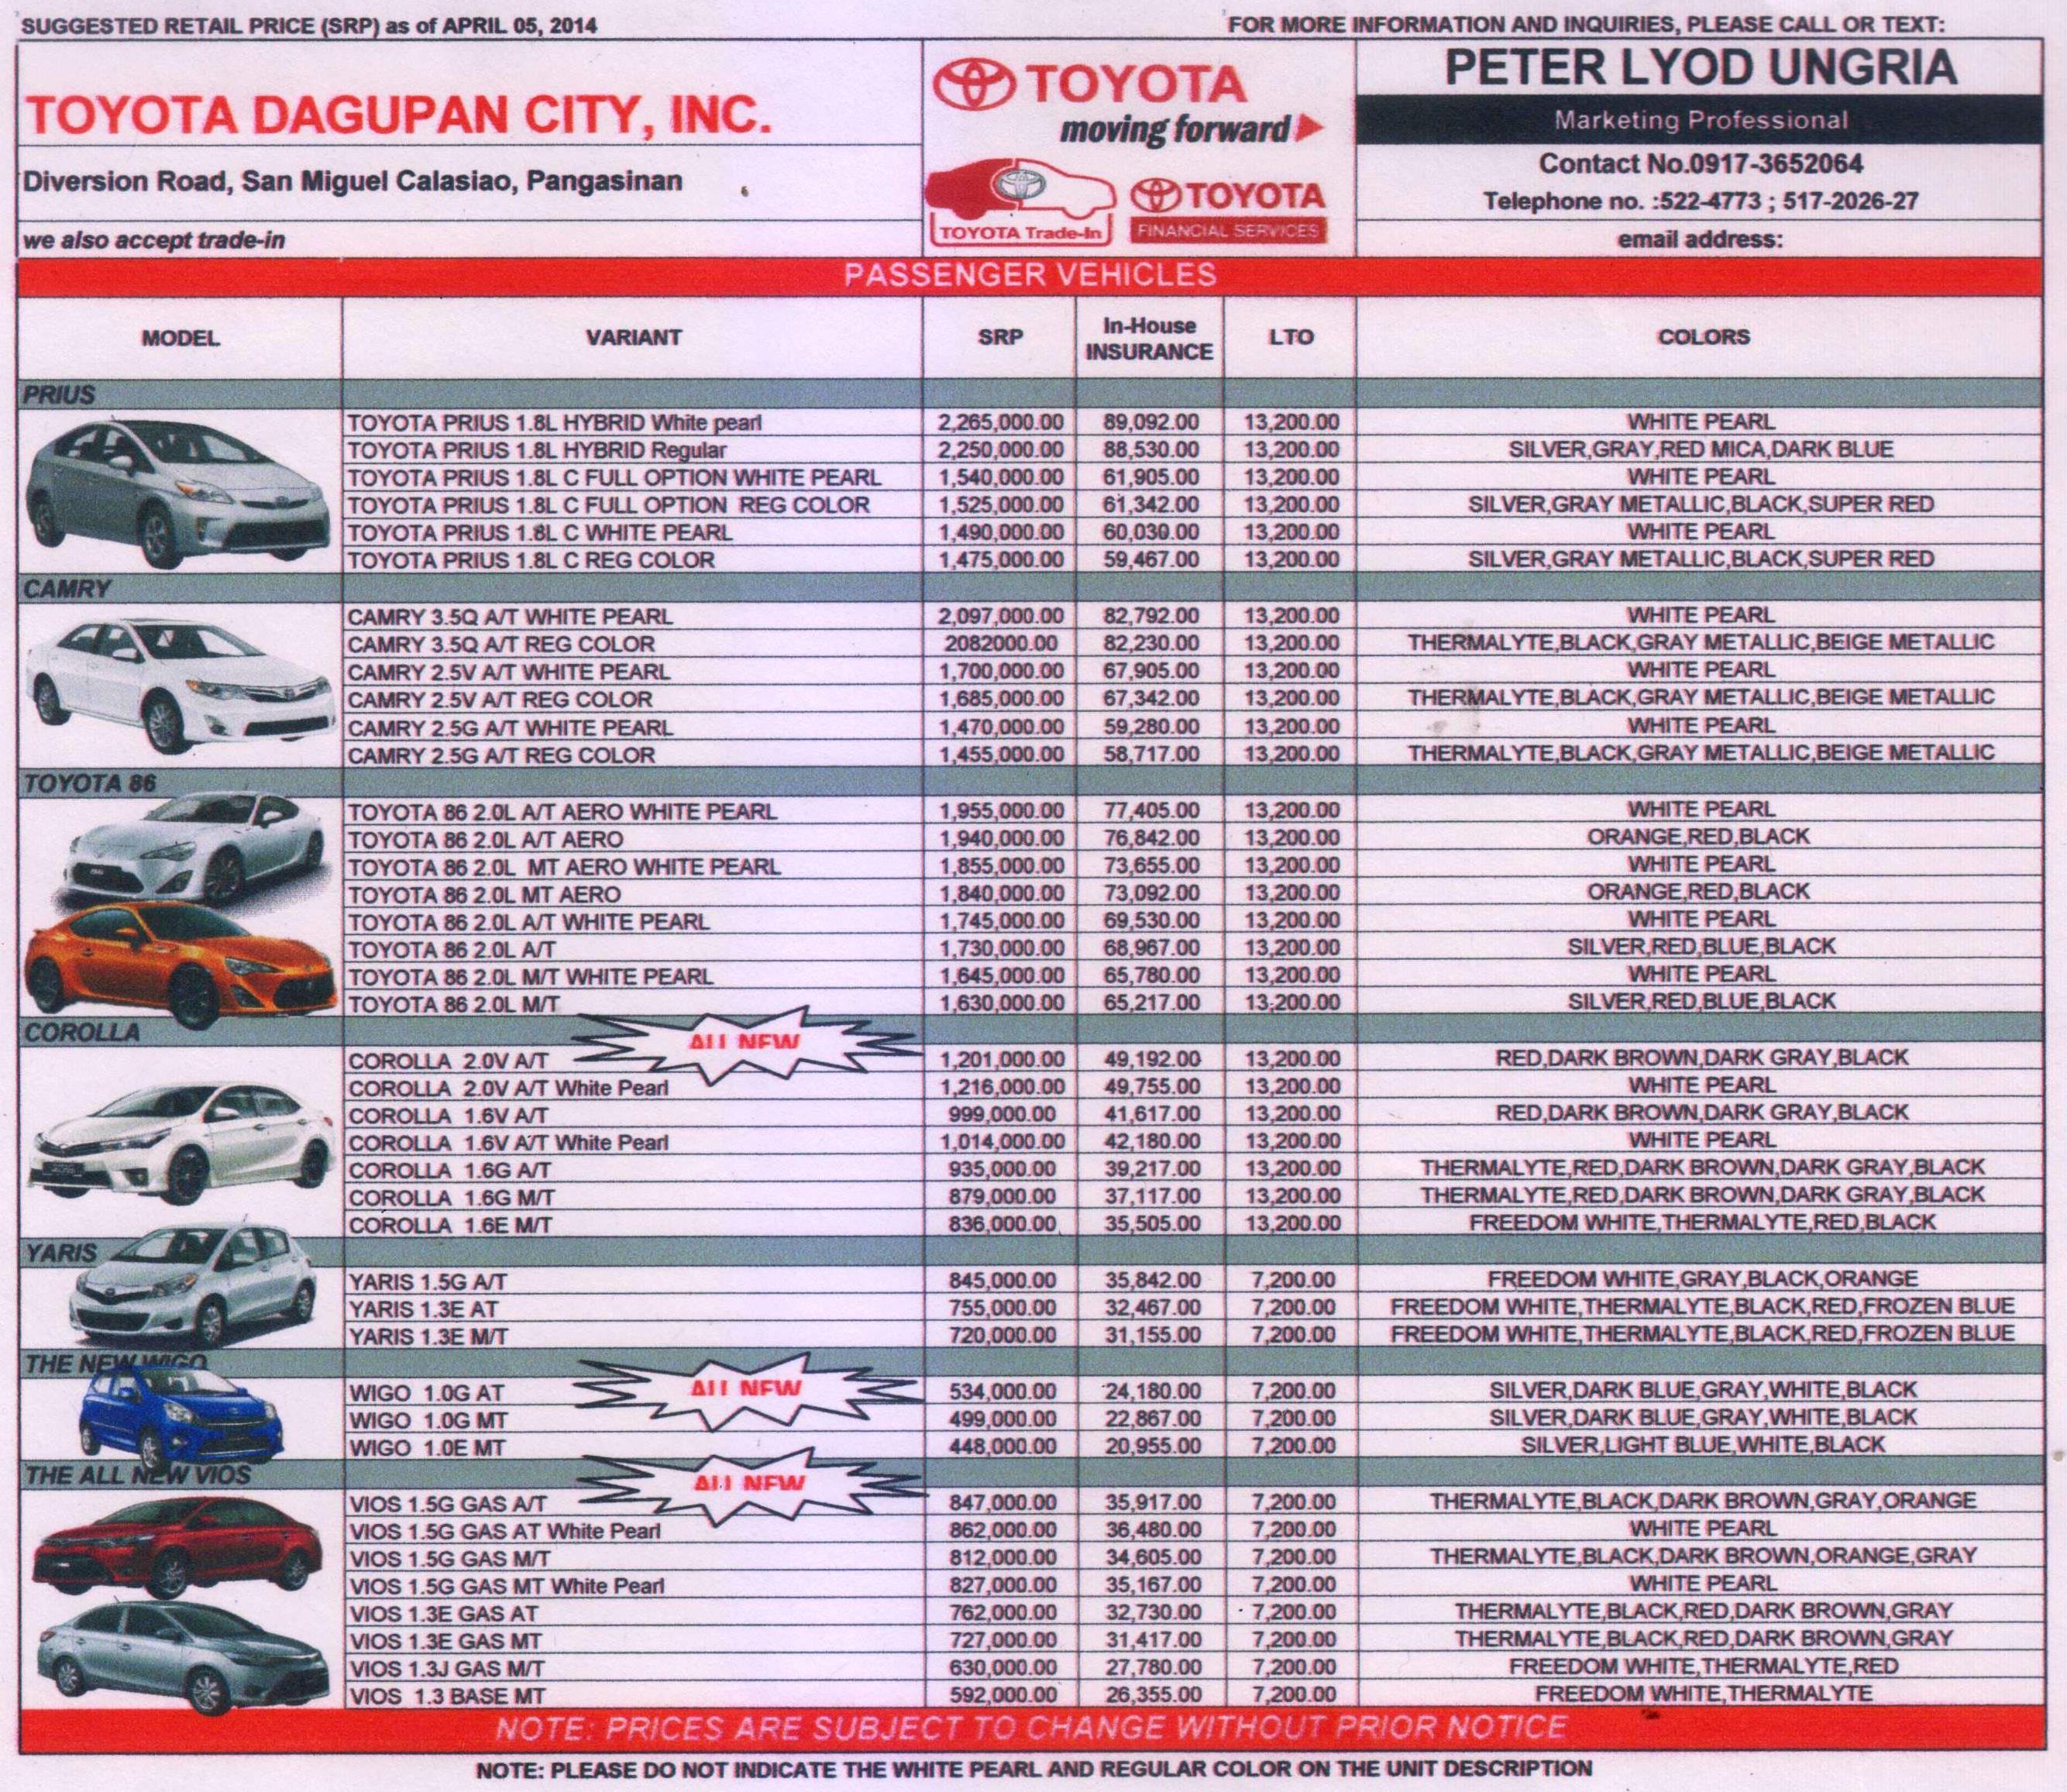 Toyota Dagupan Price List Toyota Dagupan City Inc